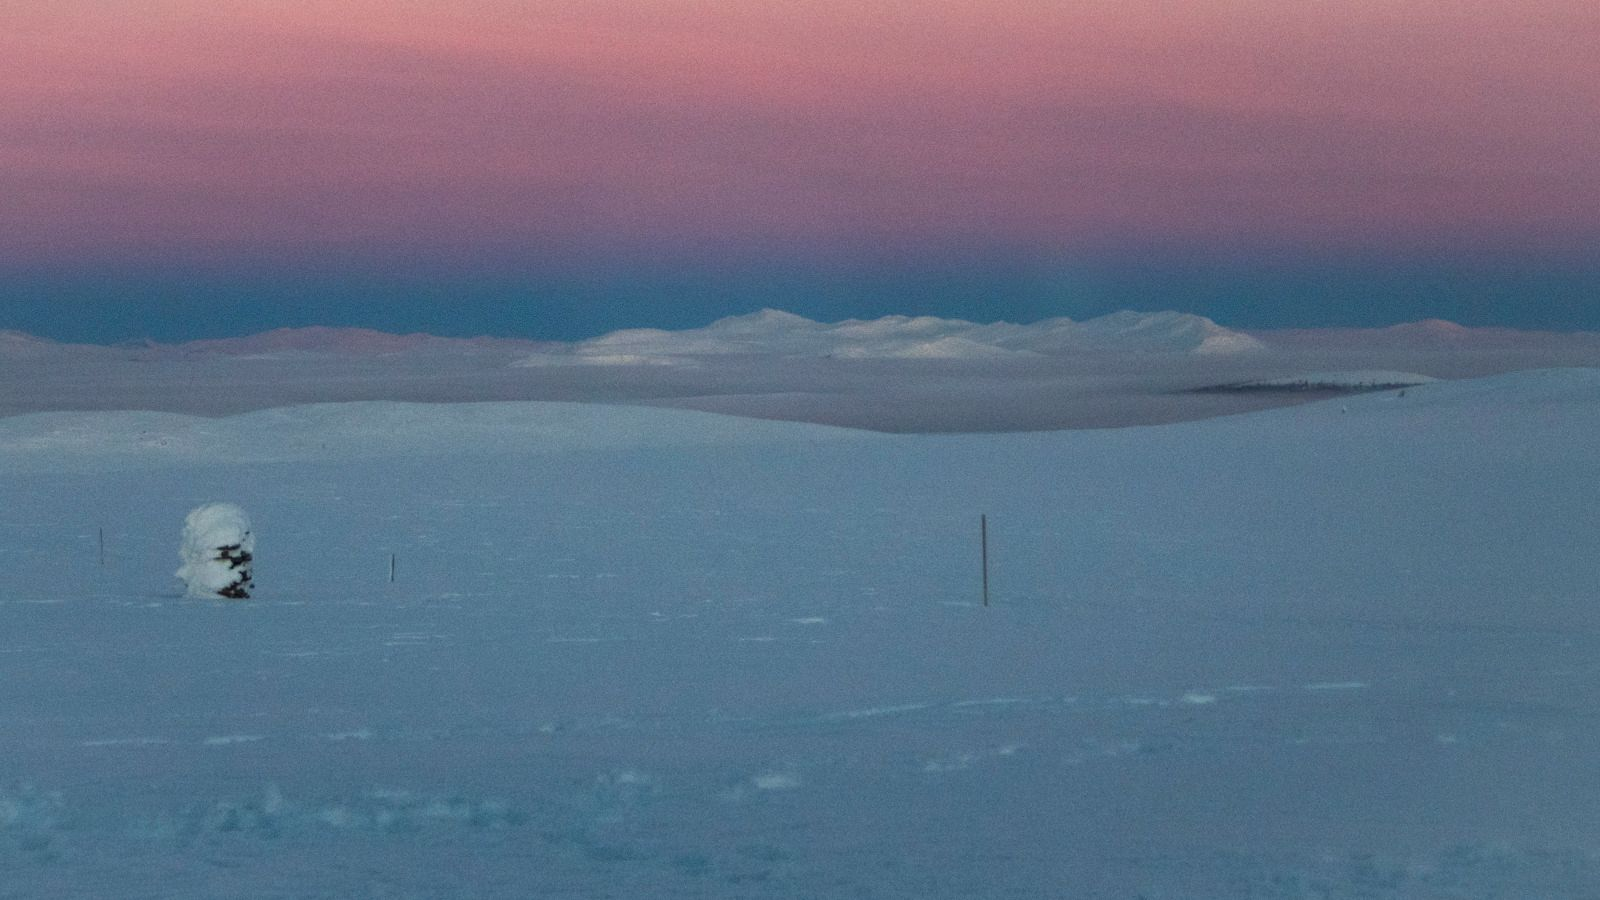 Et lavt skydekke over Gudbrandsdalen forteller meg at det er lurt å være i høyden hvis man er avhengig av solenergi.